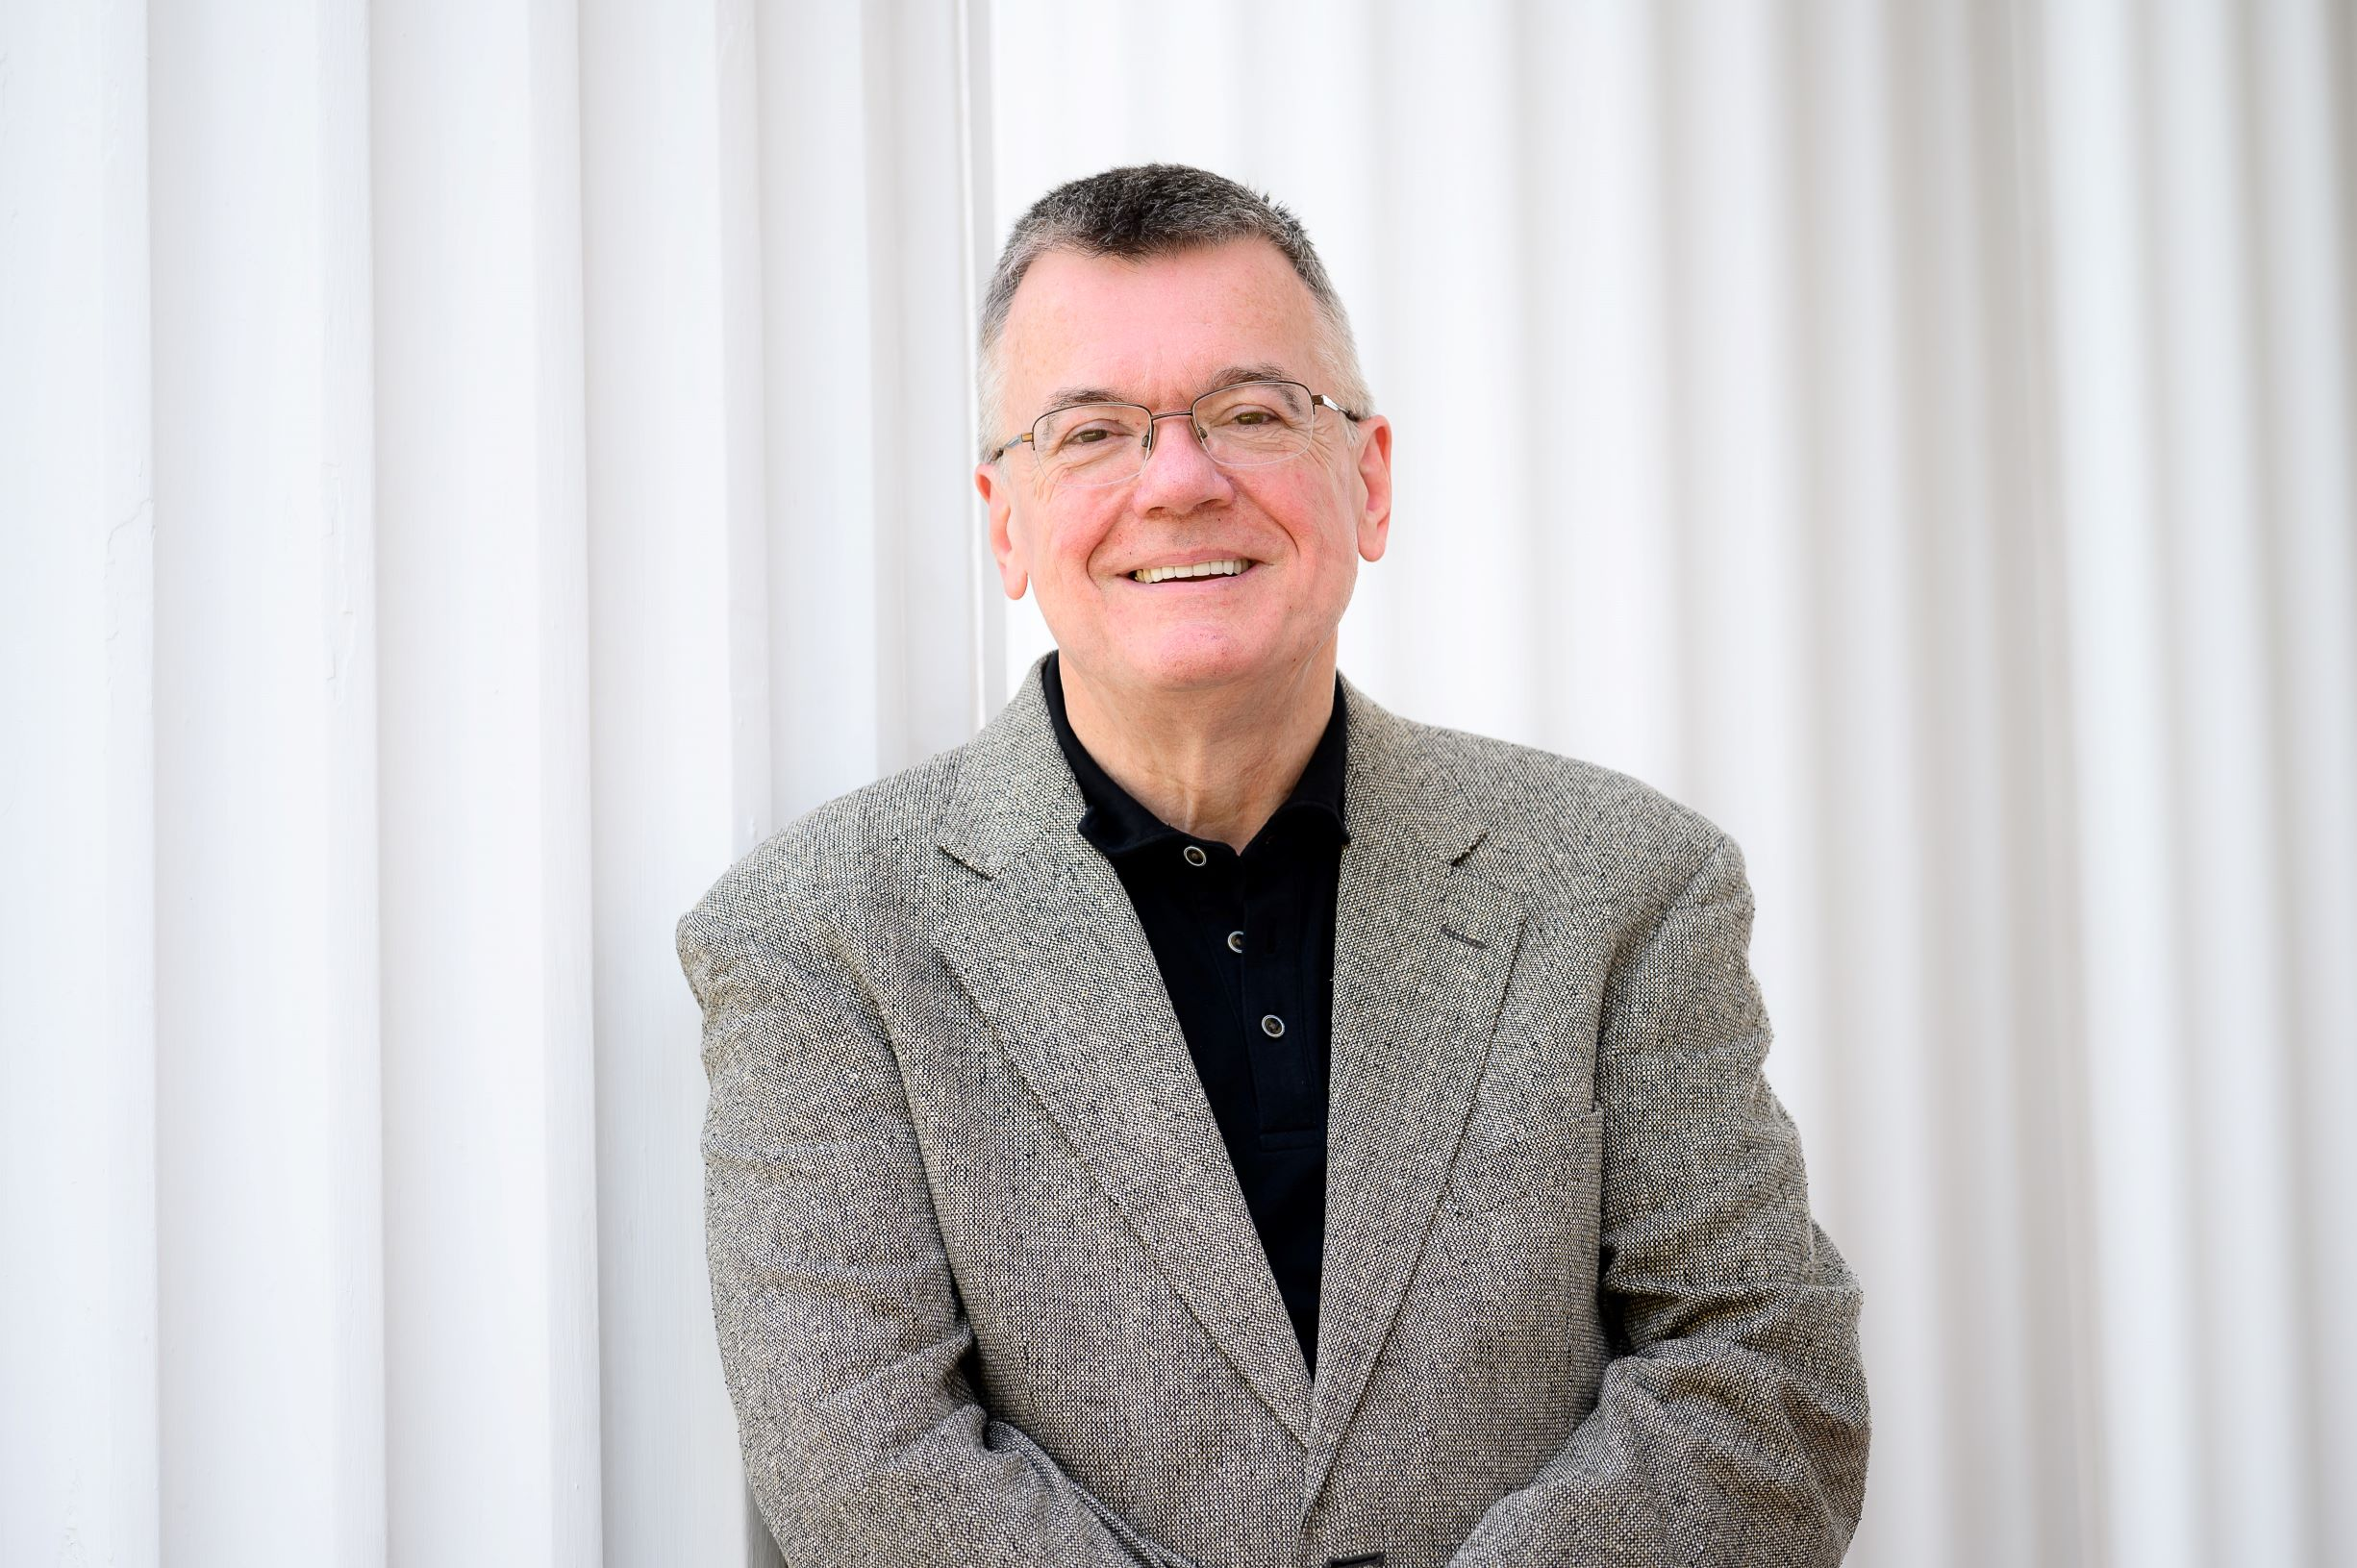 Wayne L. Wold, organist